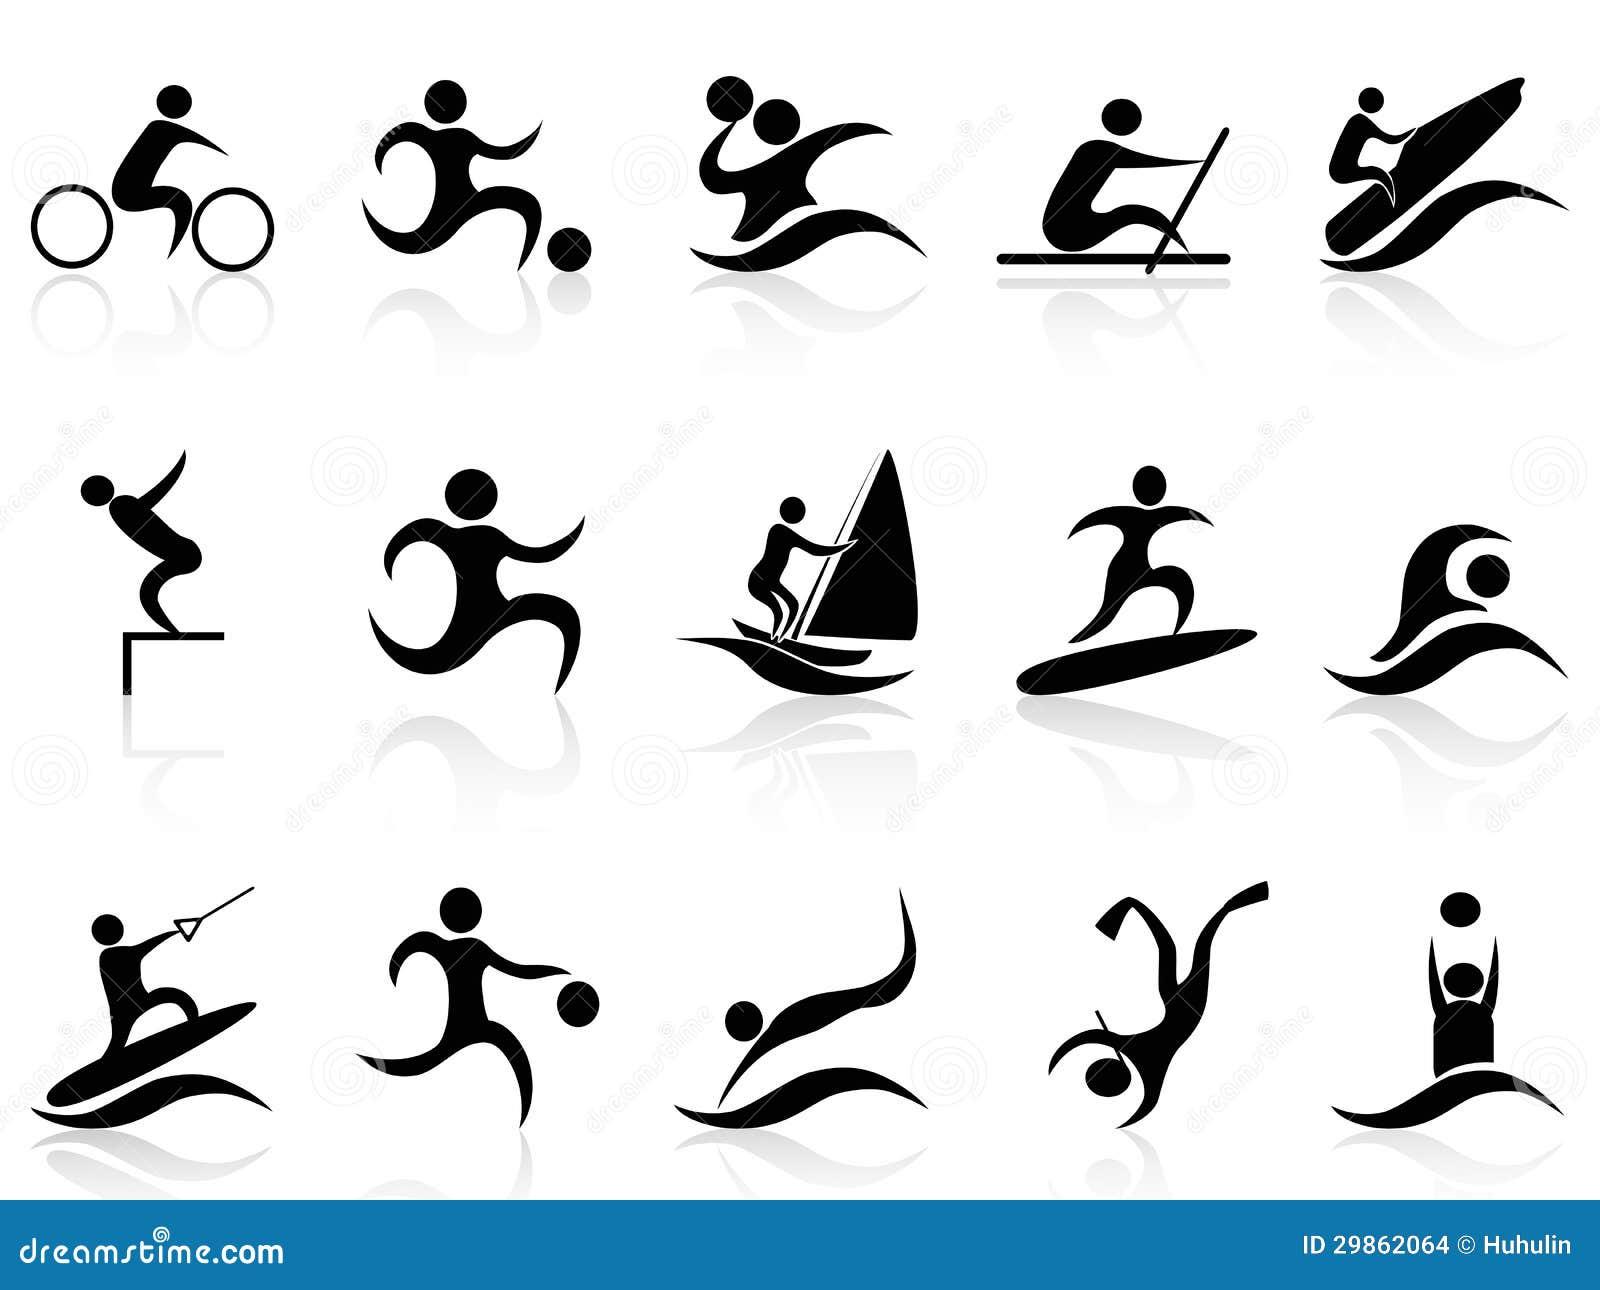 римвол олимпиады в лондоне